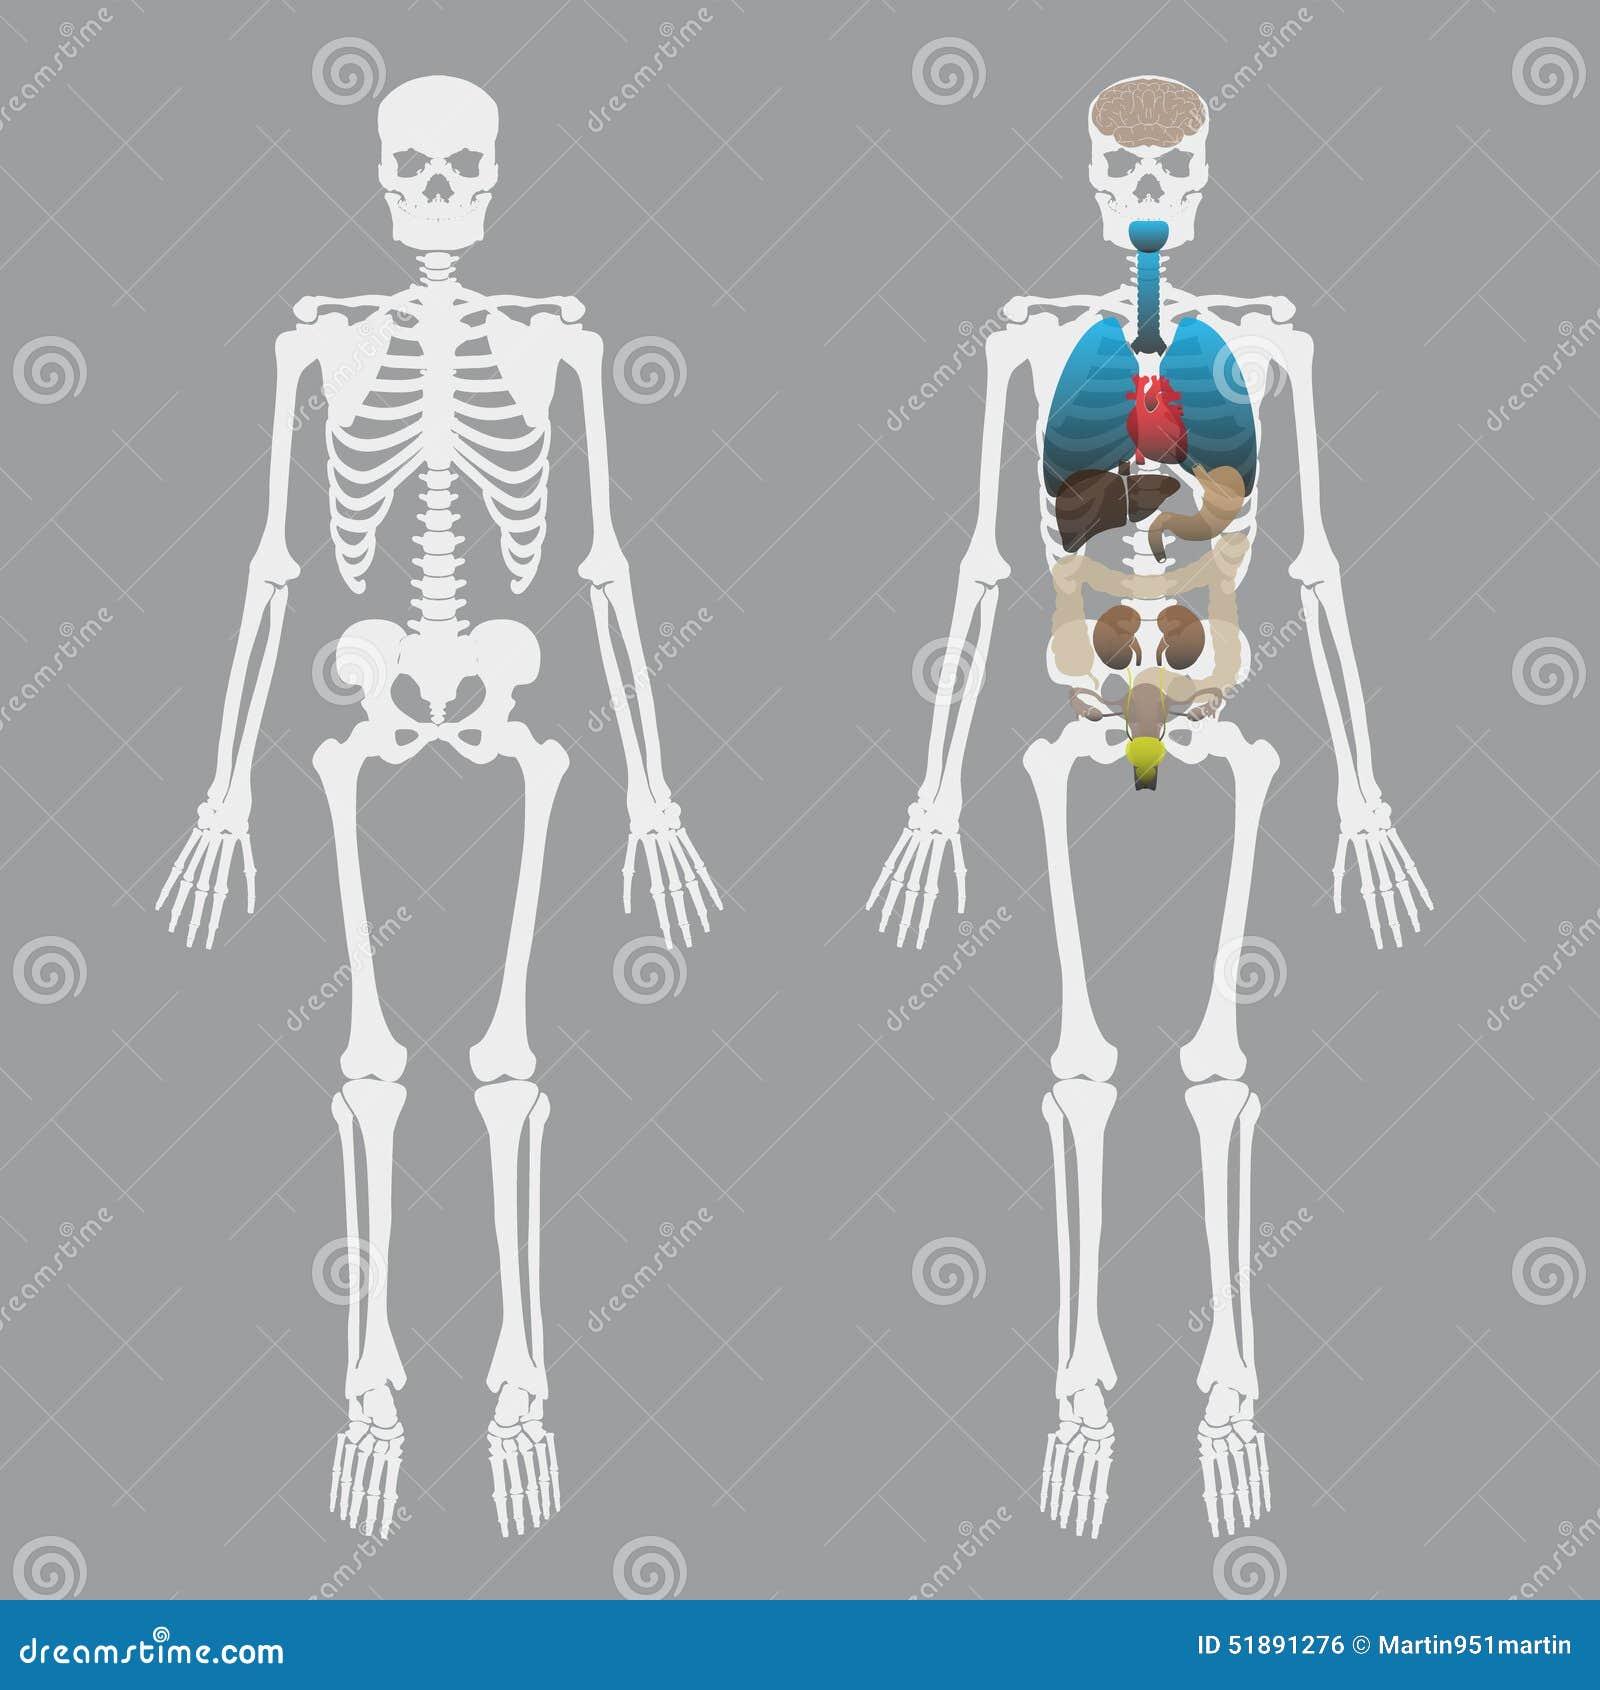 Wunderbar Bild Der Menschlichen Organen Bilder - Physiologie Von ...